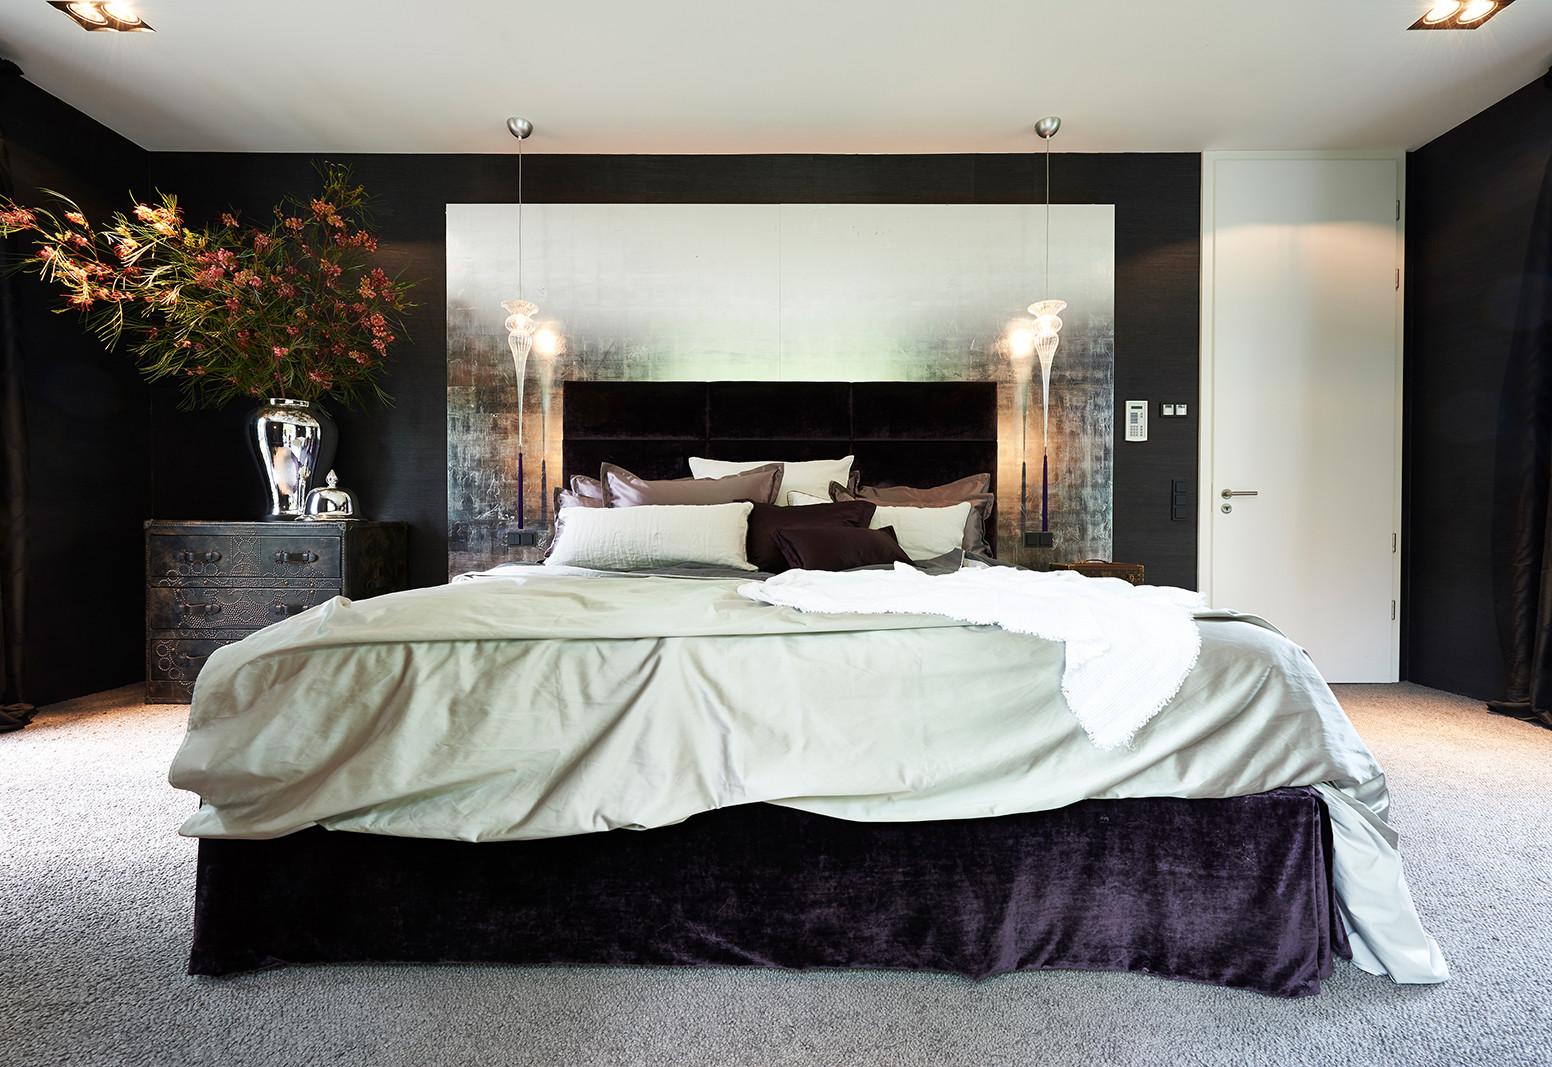 Stefanie Raum Schlafzimmer Raumgestaltung Raum Contemporary Interior